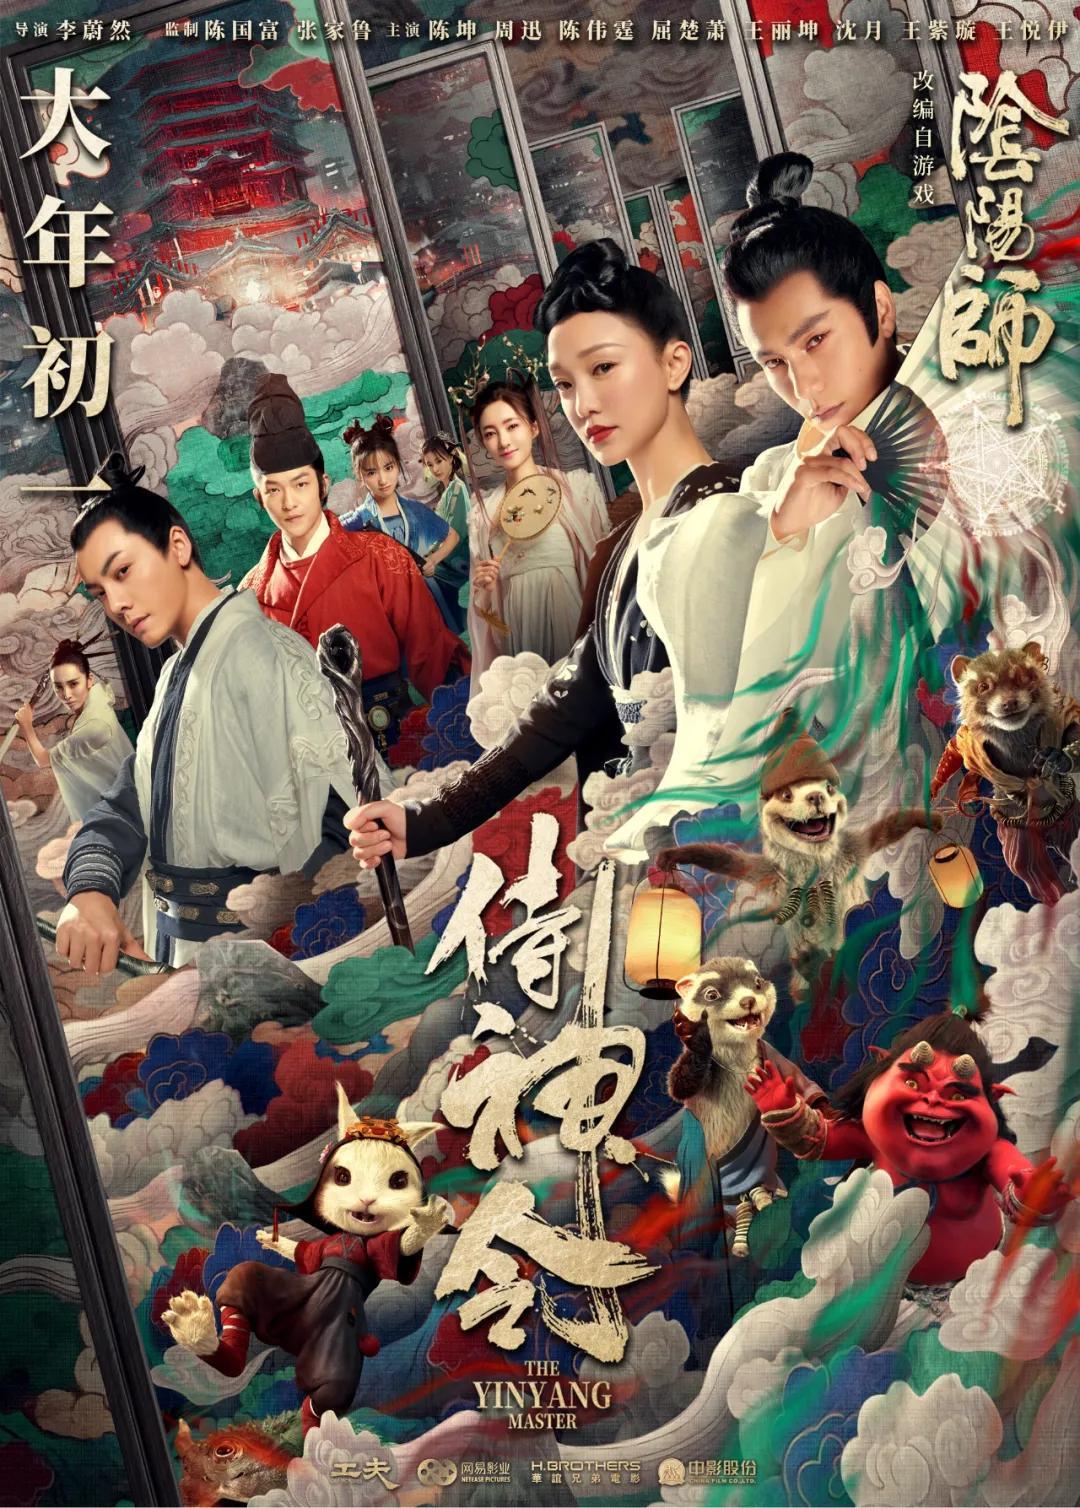 电影我为什么看好《侍神令》迅雷下载1080p.BD中英双字幕高清下载